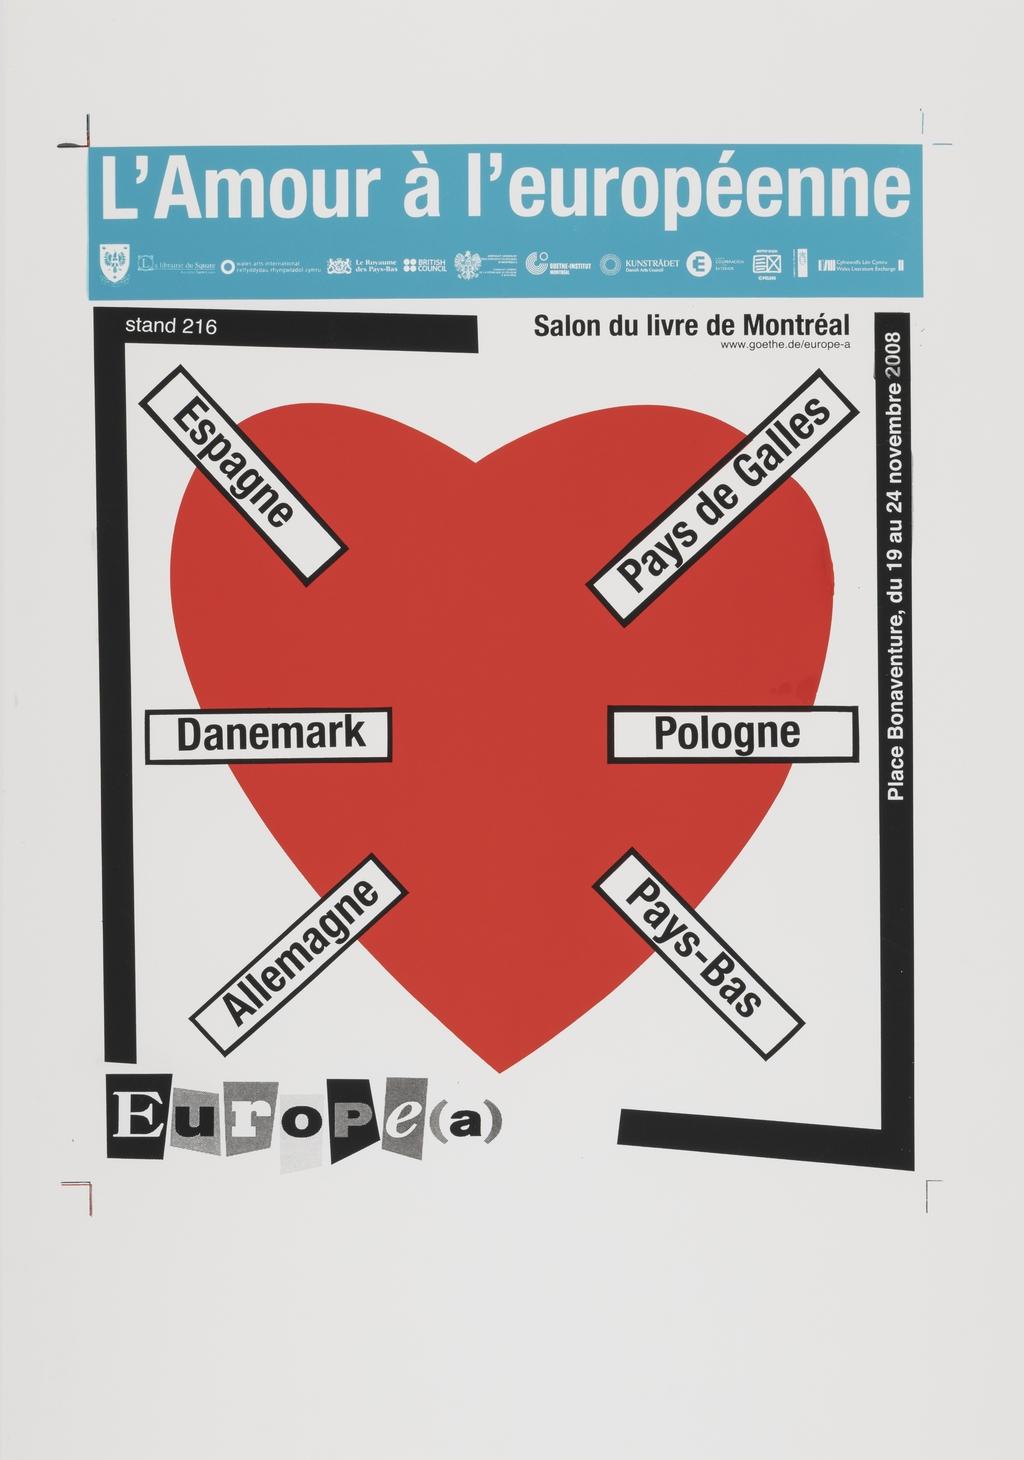 L'Amour à l'européenne. Salon du livre de Montréal 2008